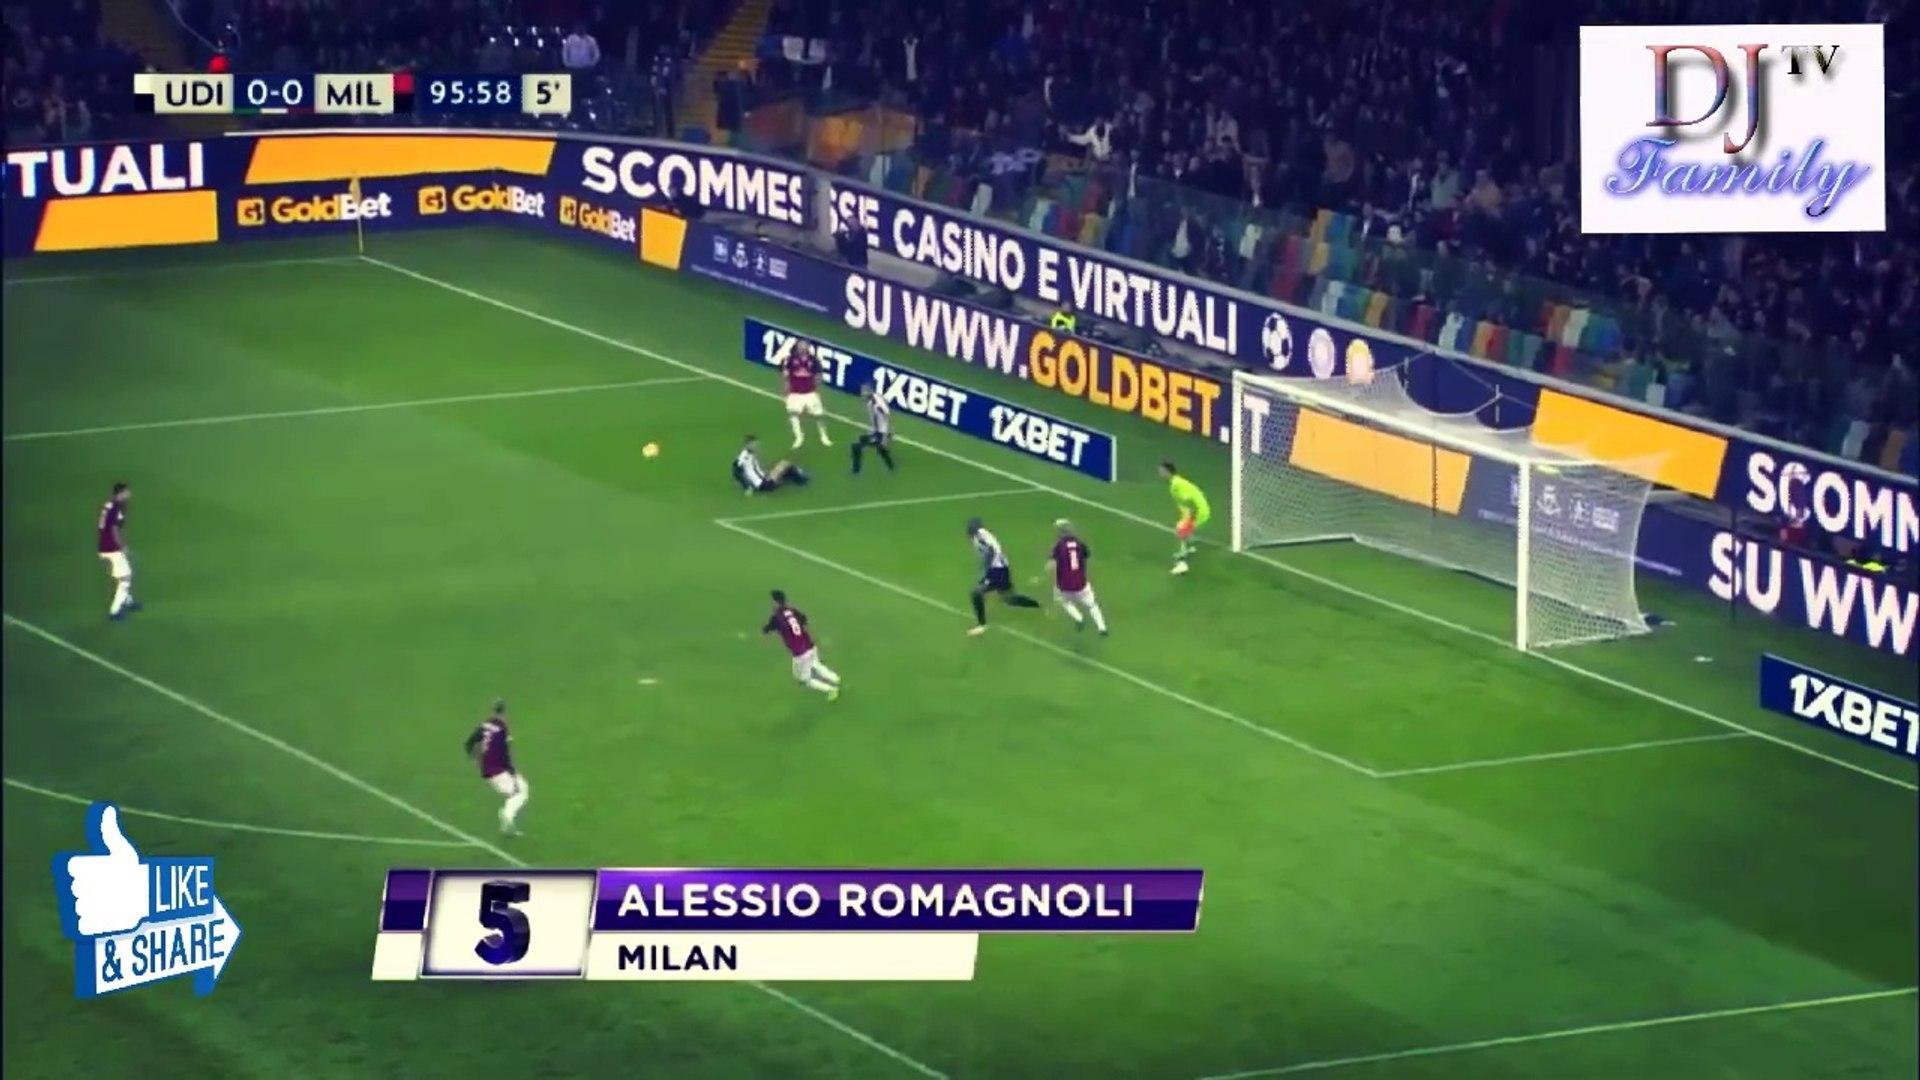 5 Top Goals Serie A Italy Pekan Ke 11, adakah CR7 Ronaldo (Serie A Italy's Top 5 Goals of Week